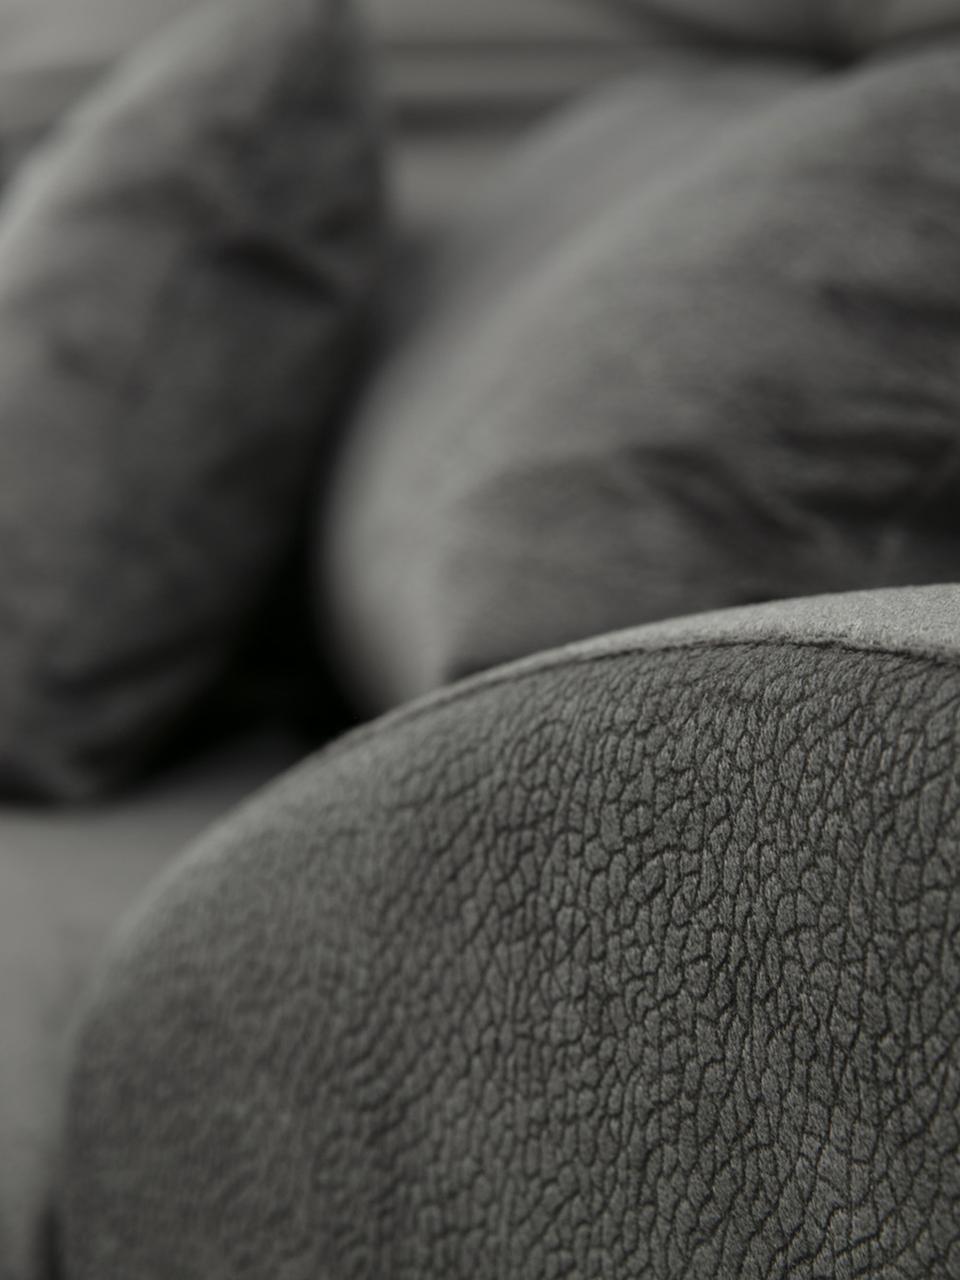 Divano angolare 4 posti in tessuto antracite Frido, Rivestimento: 100% poliestere, Struttura: legno di betulla, truciol, Piedini: metallo rivestito, Antracite, Larg. 308 x Prof. 190 cm